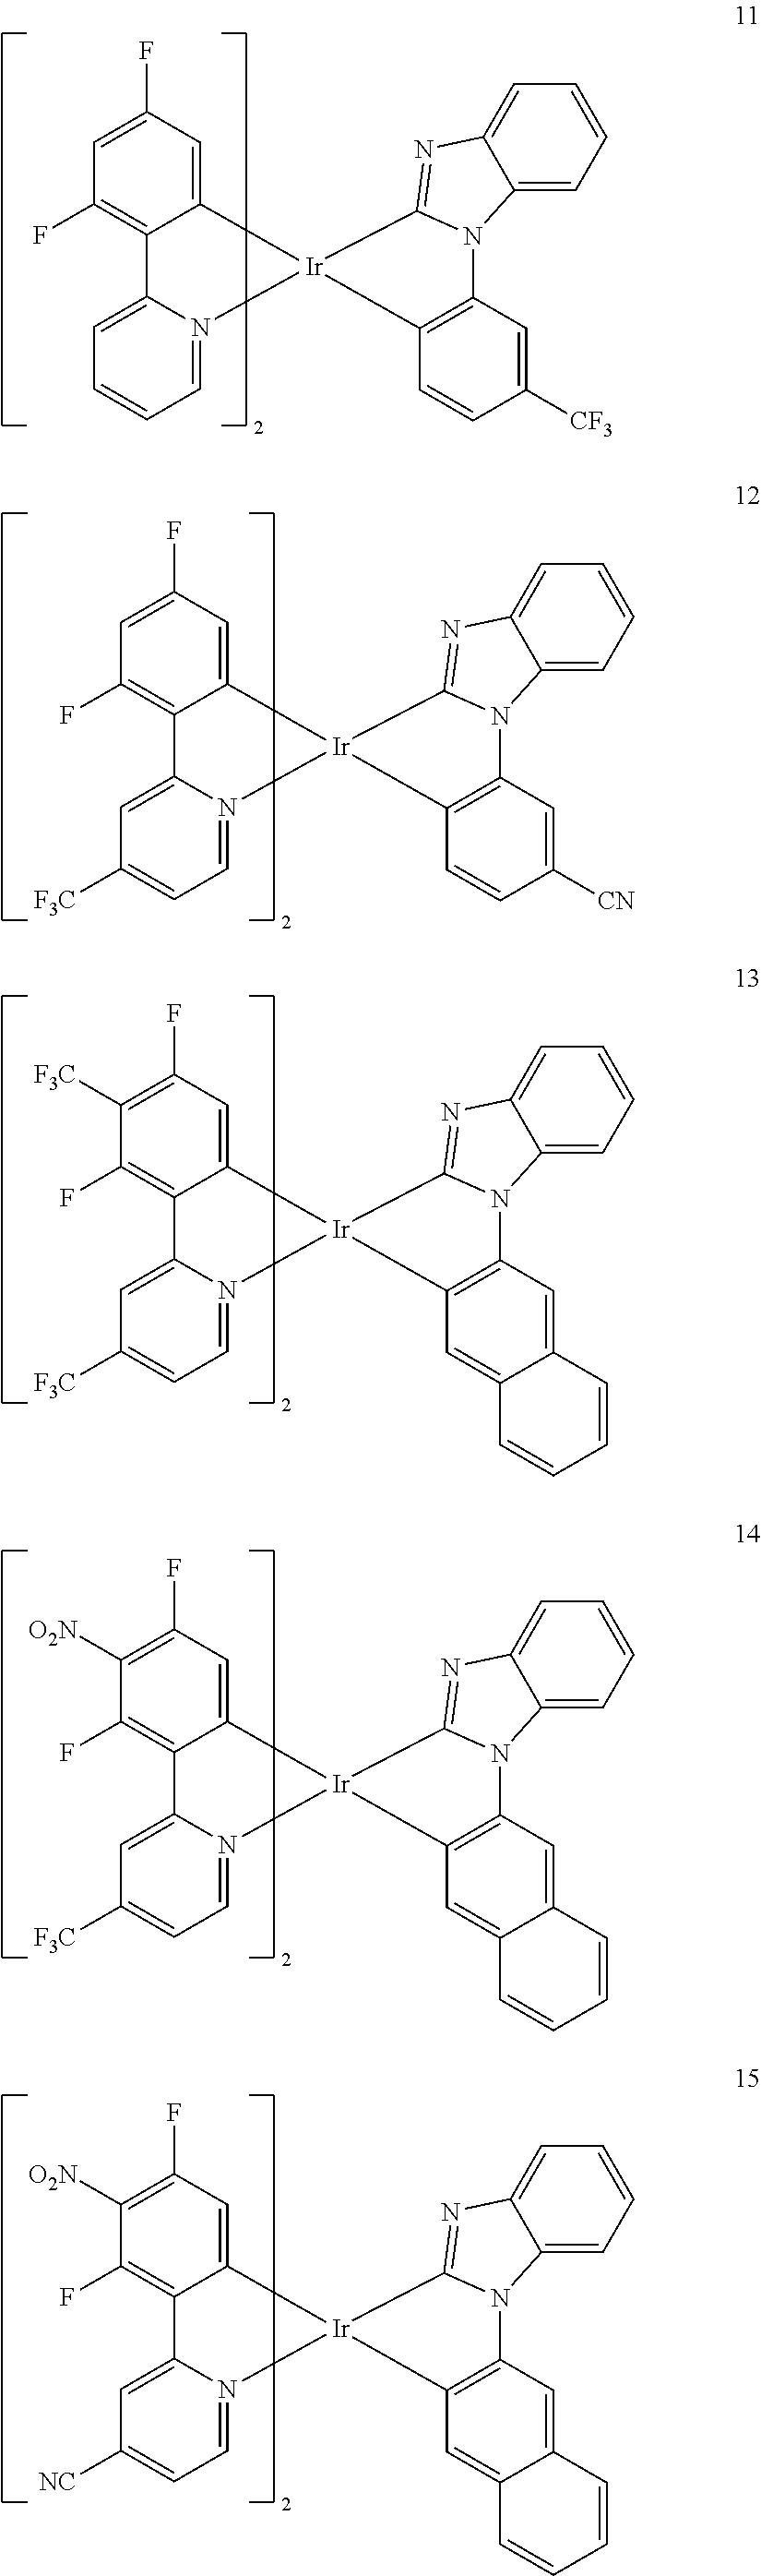 Figure US09722191-20170801-C00067